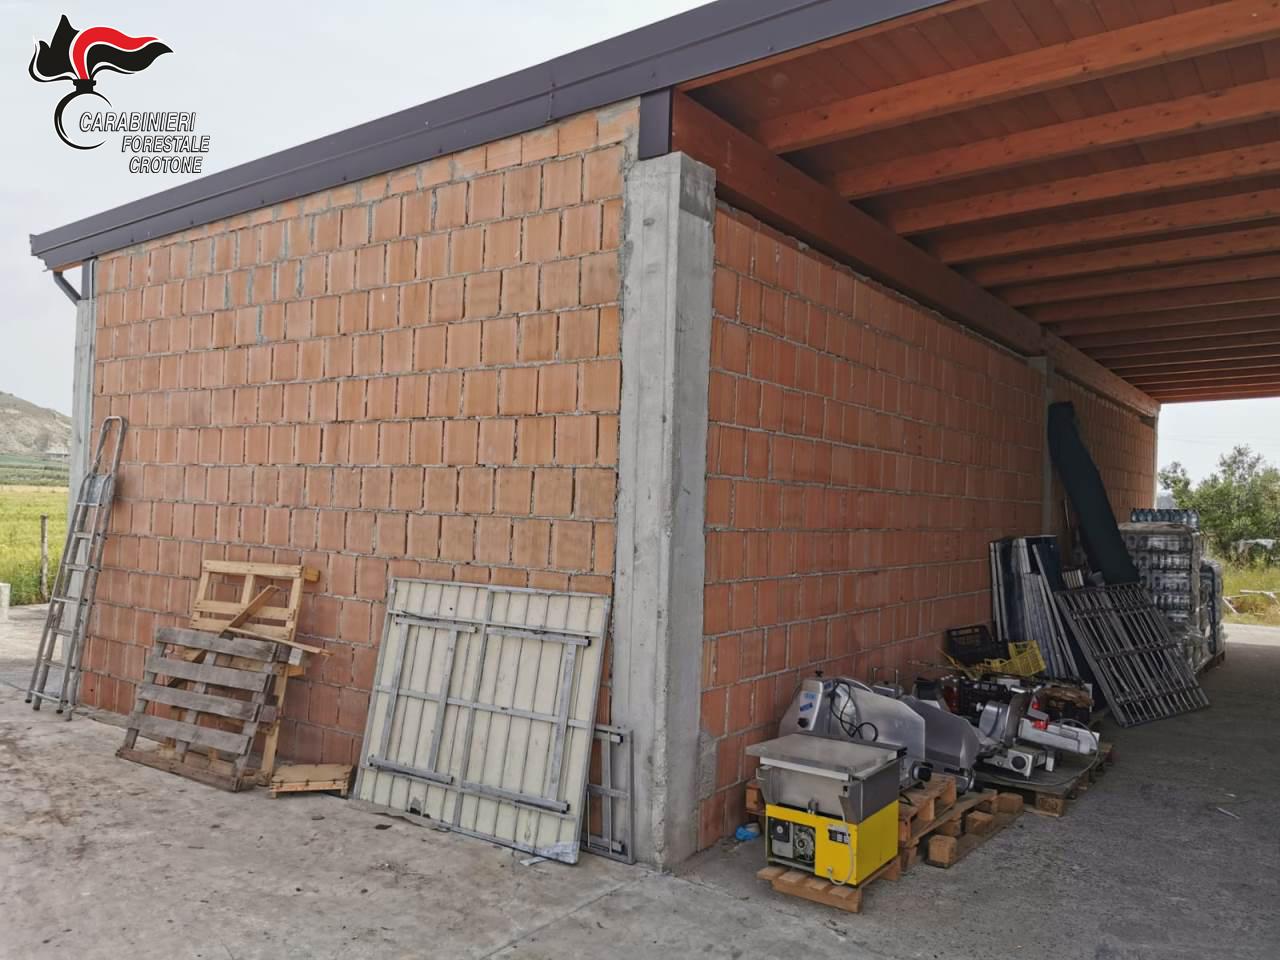 Controllo Covid: Sequestrate costruzione abusiva e derrate avariate